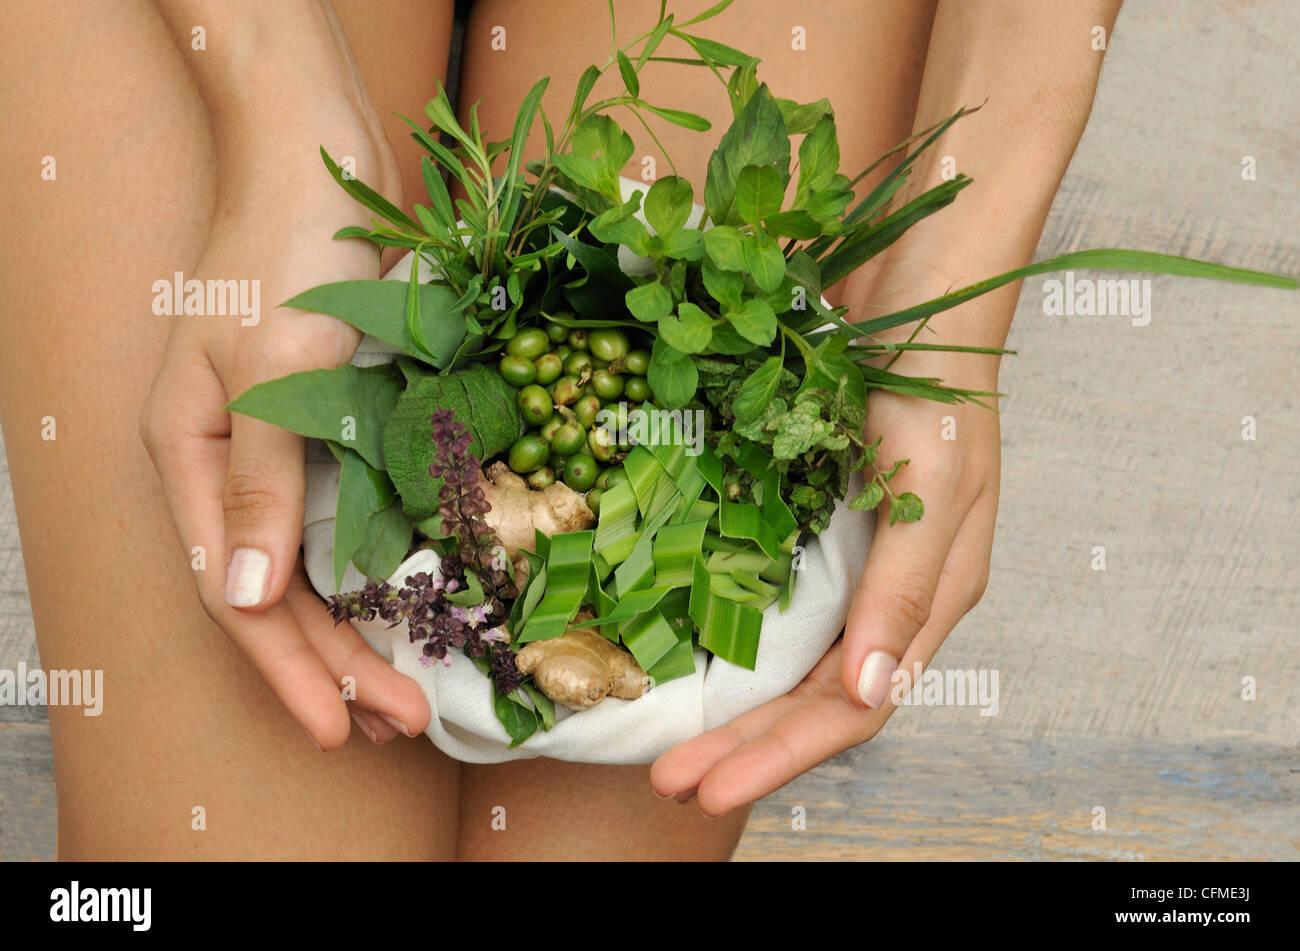 Ingrédients de la compresse d'herbes, aux Philippines, en Asie du Sud-Est, l'Asie Banque D'Images